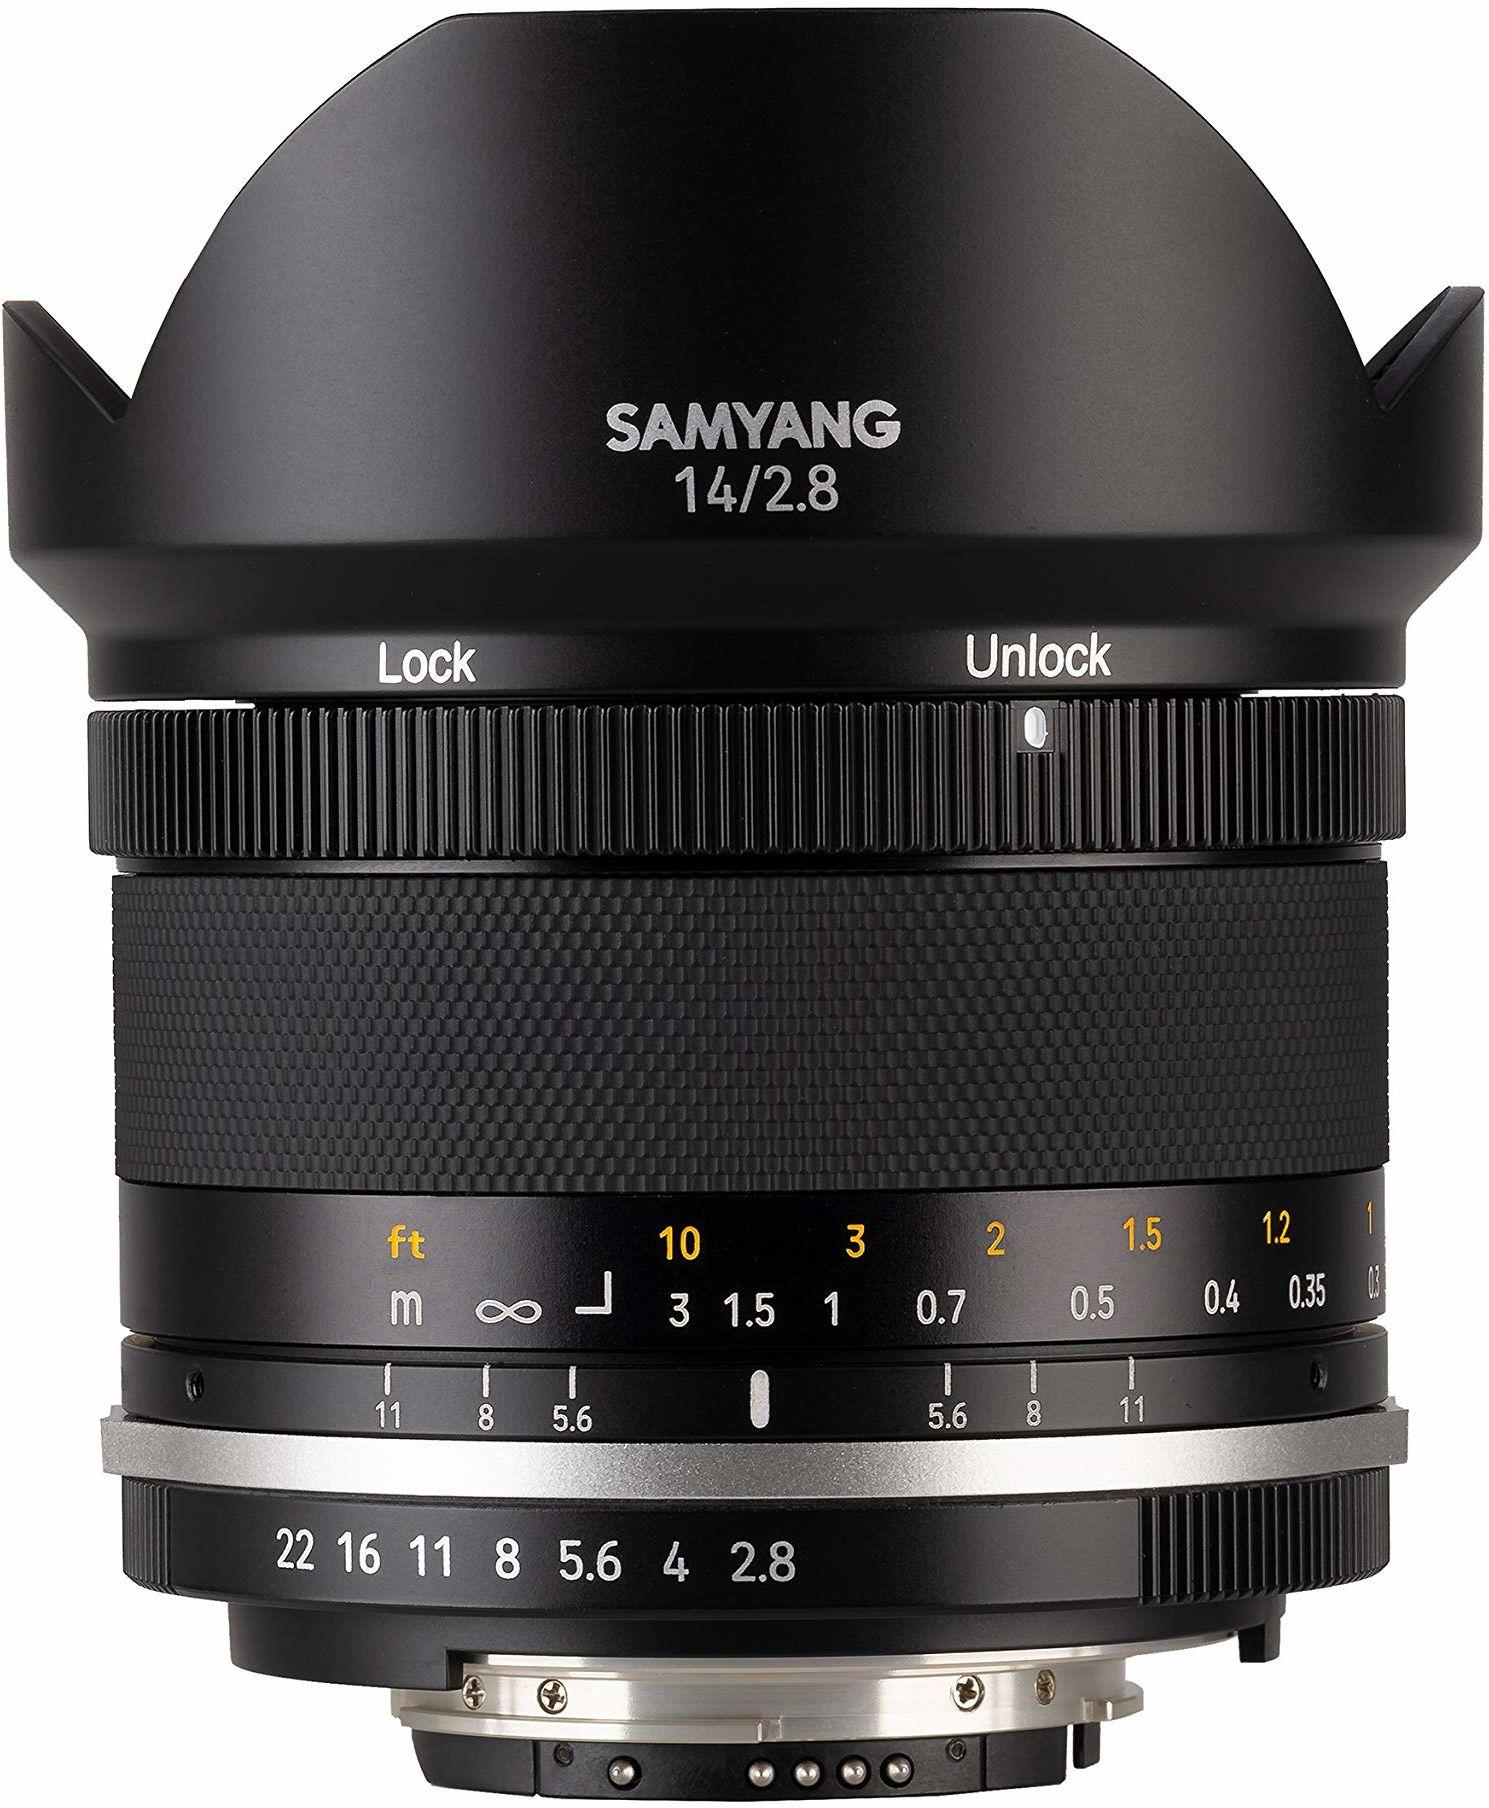 Samyang 14 mm F2,8 Mk2 AE ręczna soczewka ogniskowa do aparatów Nikon